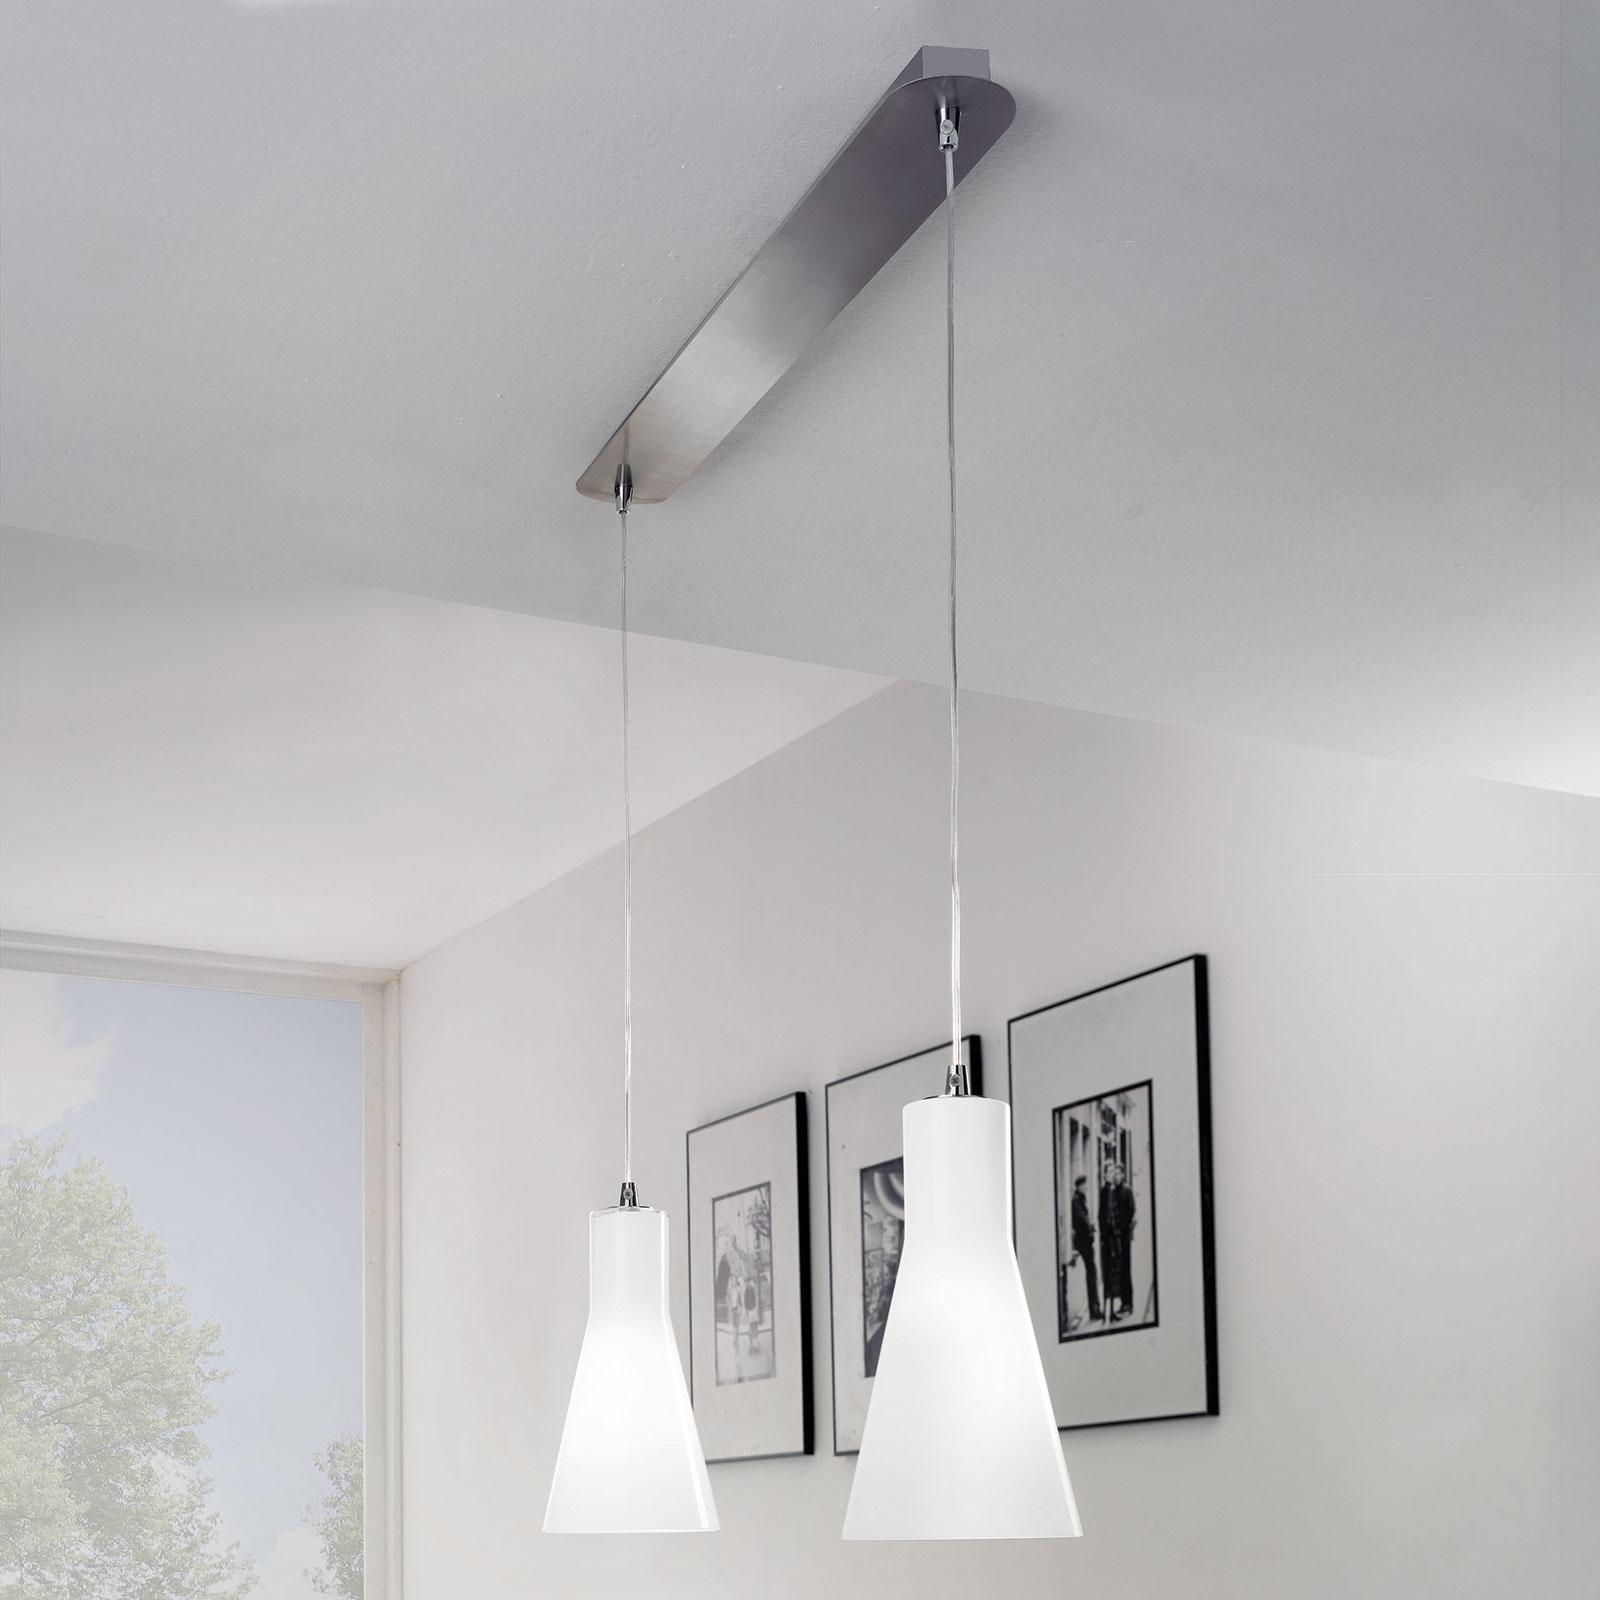 Lampa wisząca Dana ze szkła, 2-punktowa